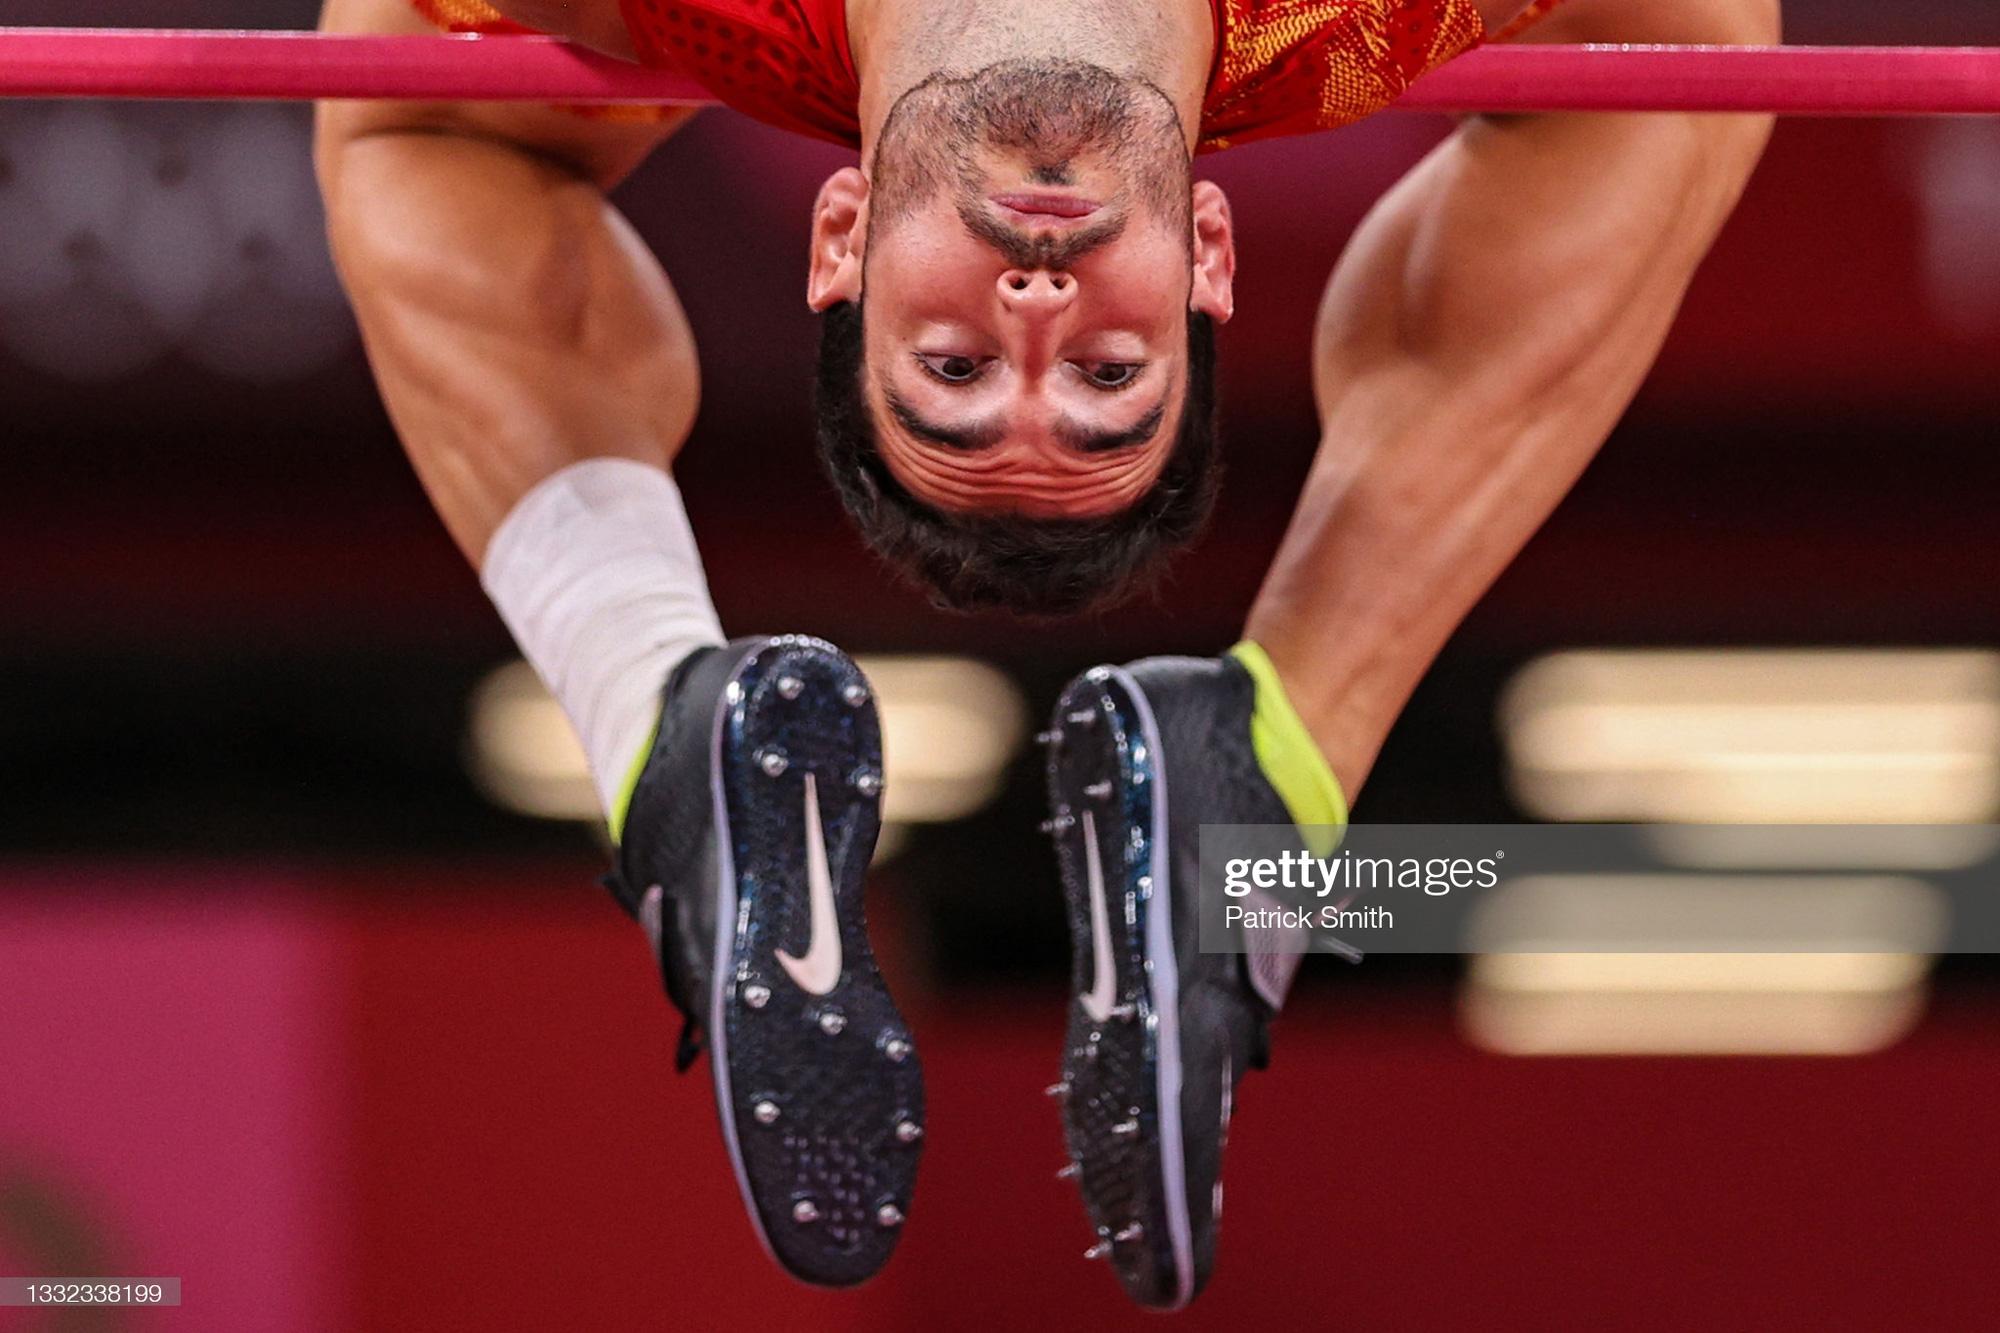 Những góc ảnh đẹp ngỡ ngàng ở Olympic Tokyo 2020 - Ảnh 22.